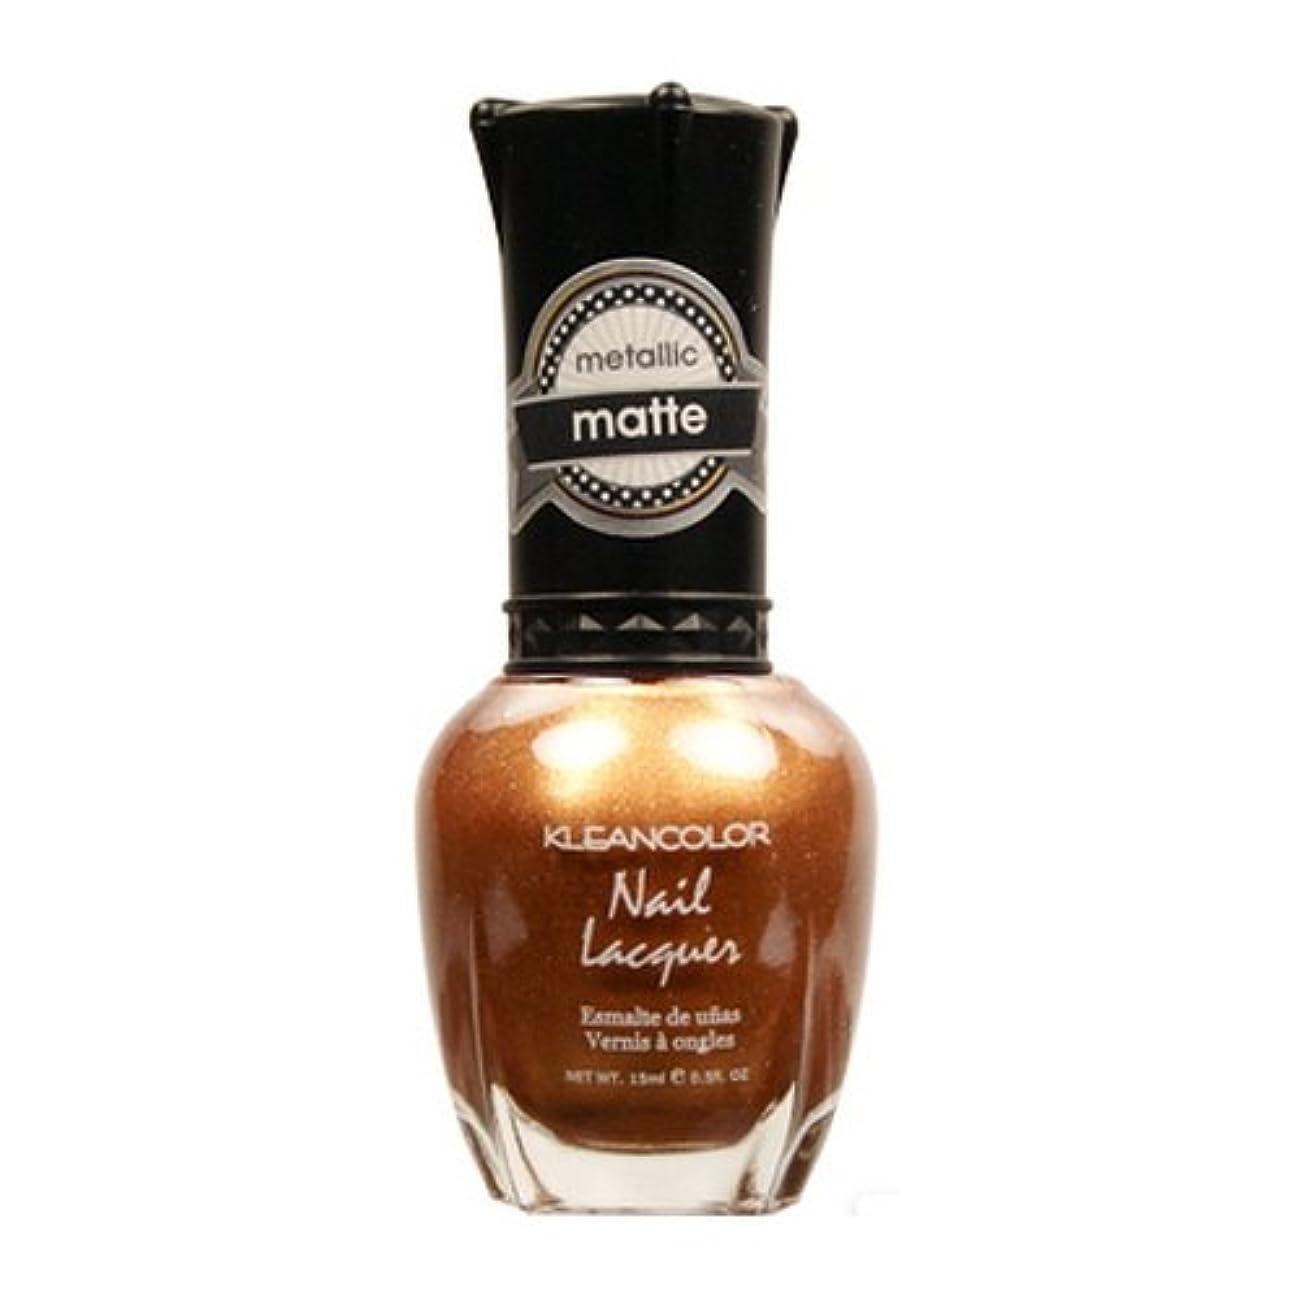 上謝る硬化する(3 Pack) KLEANCOLOR Matte Nail Lacquer - Life in Gold Castle (並行輸入品)